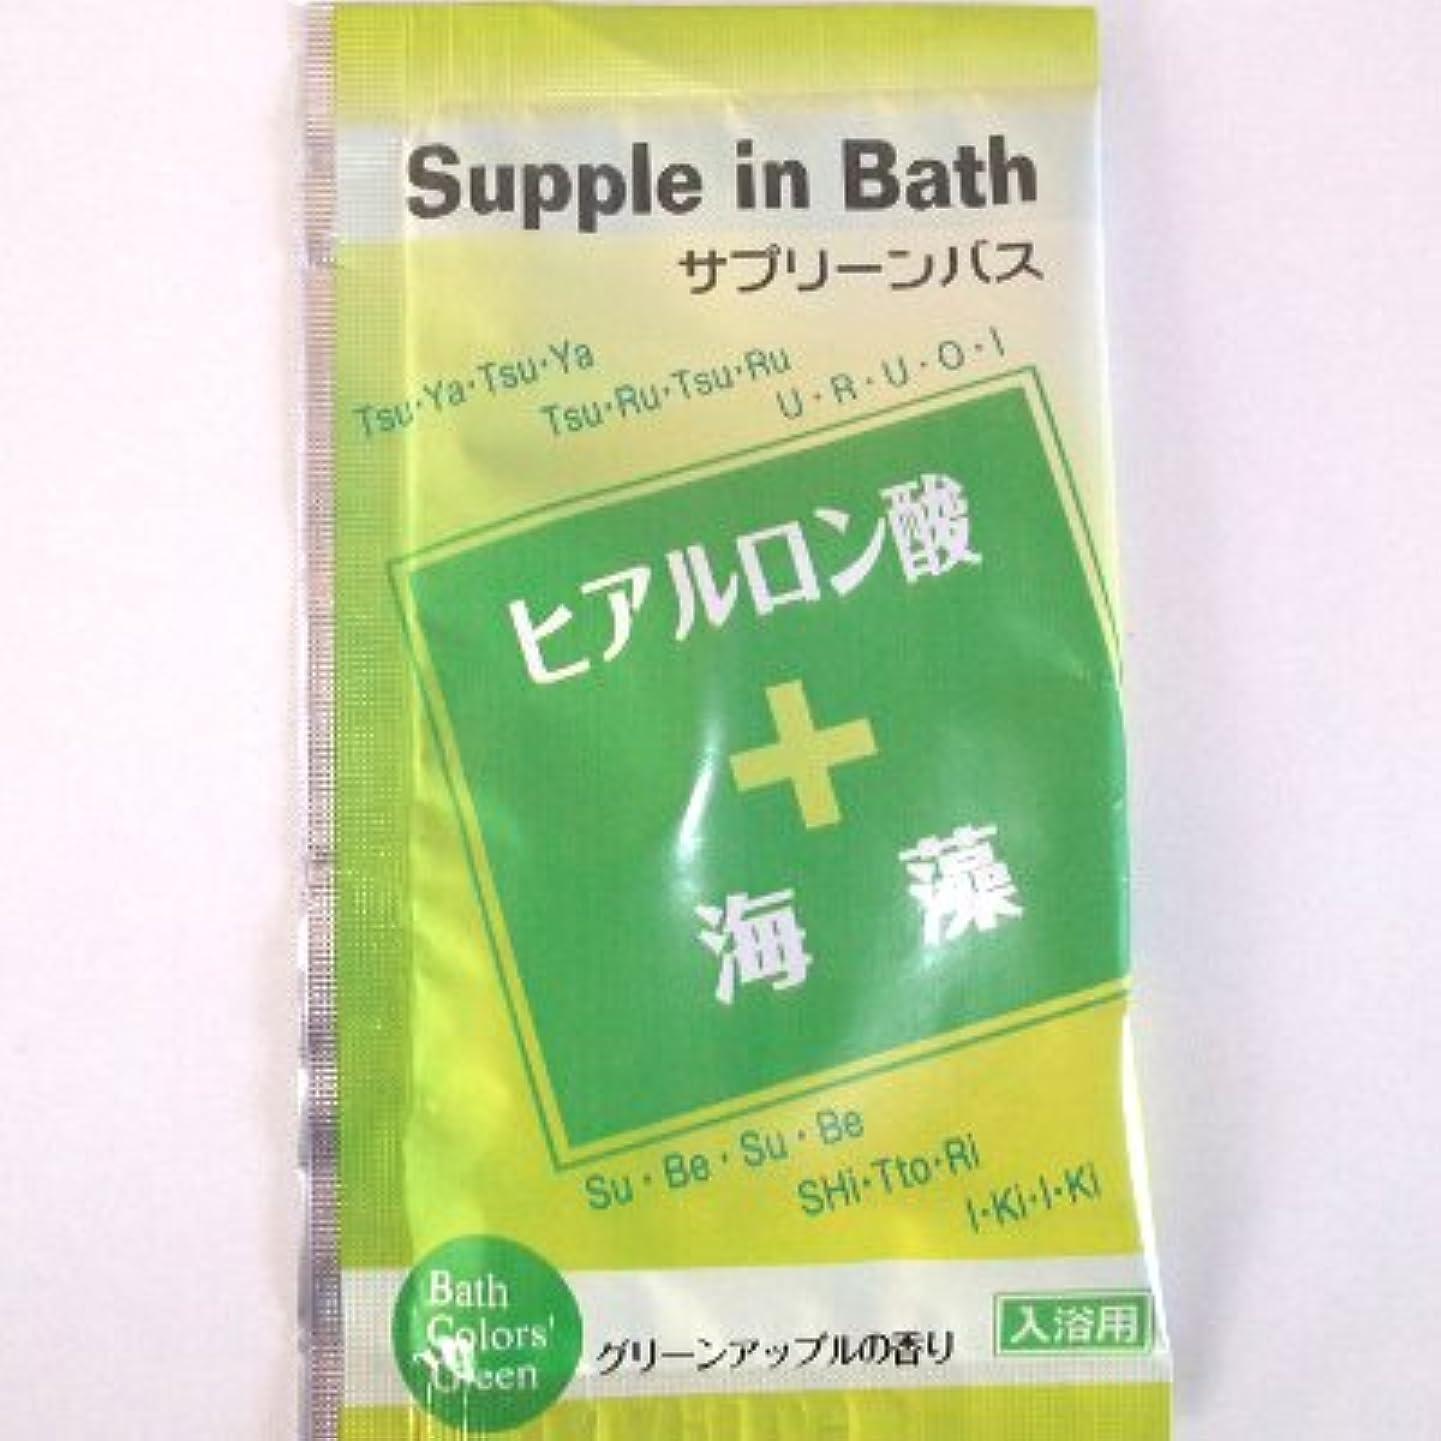 情報自我香ばしいサプリーンバス ヒアルロン酸+海藻